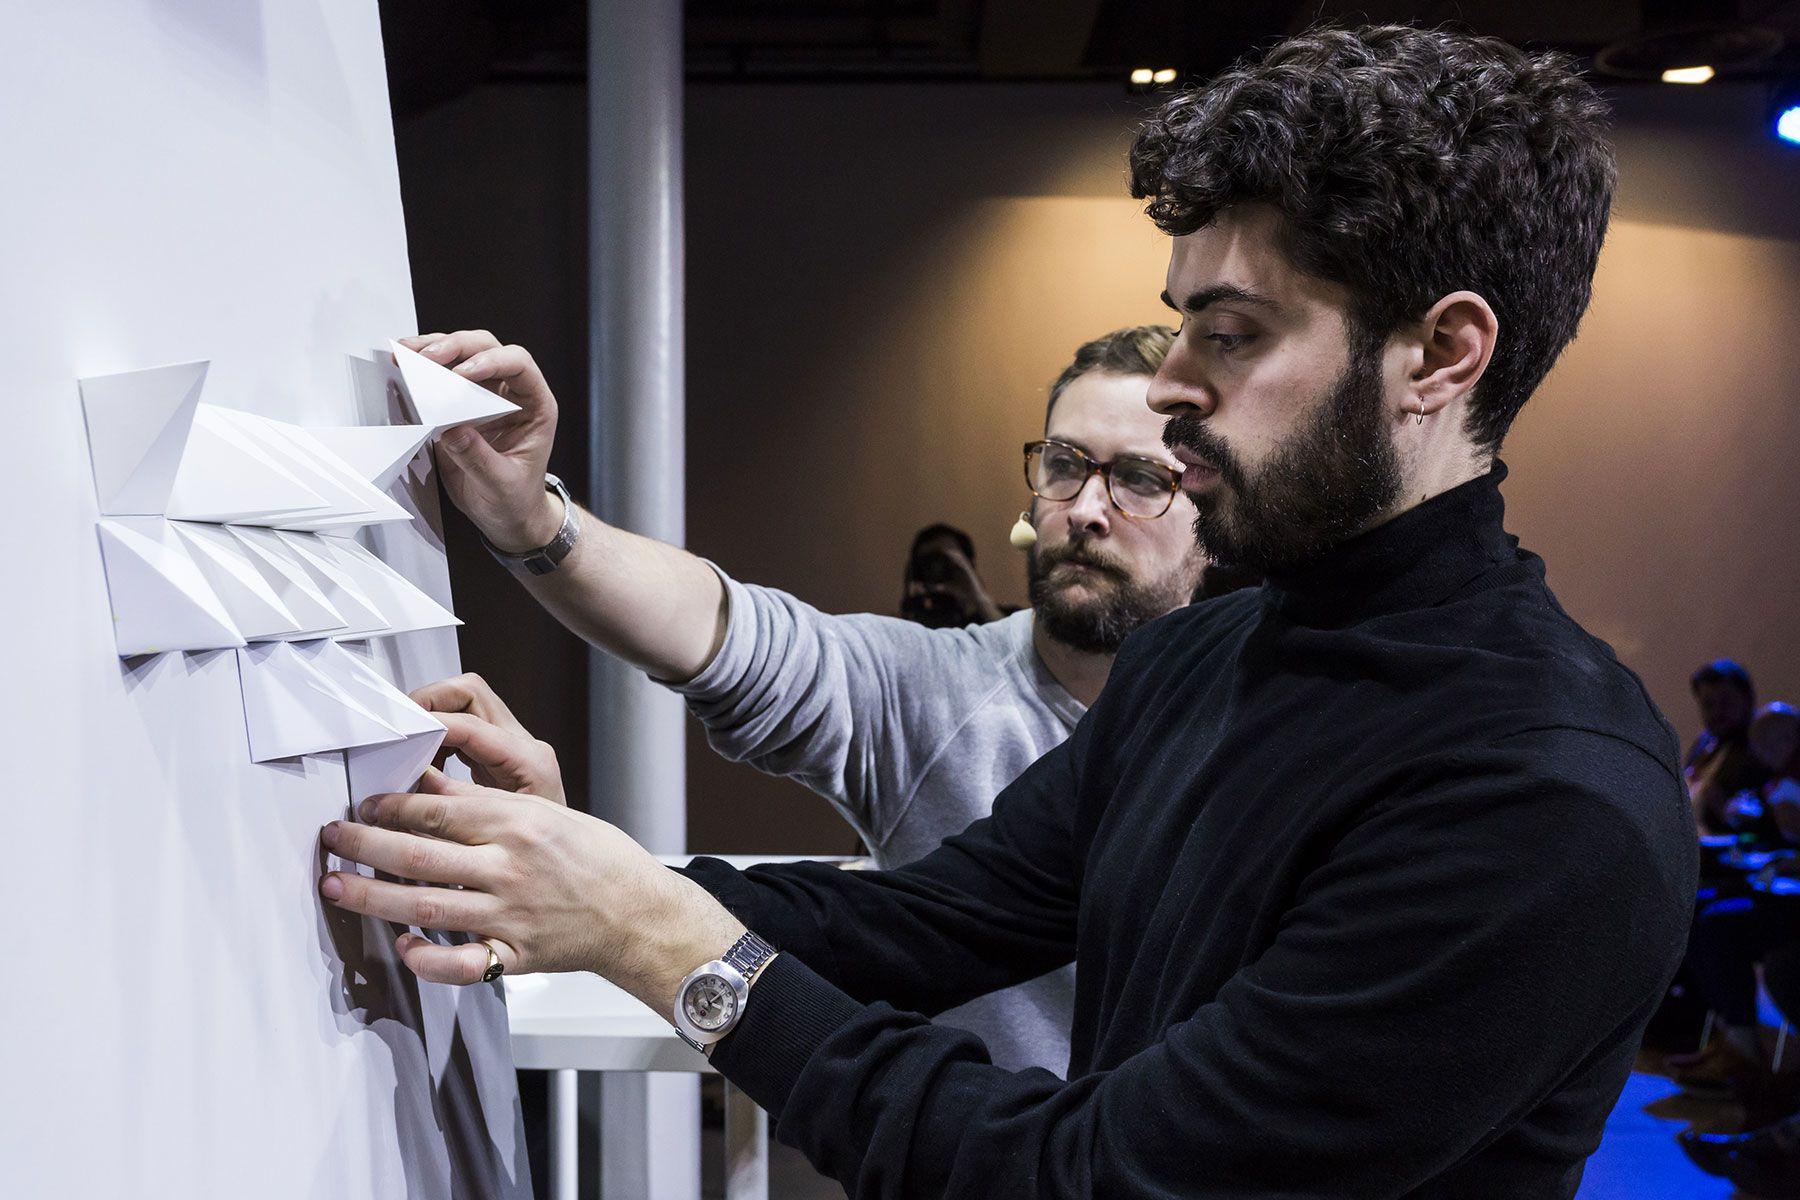 LÓBULO INAUGURA MAZDA CREATORS 2017 CON UN TALLER DE PAPERCRAFT Y DISEÑO